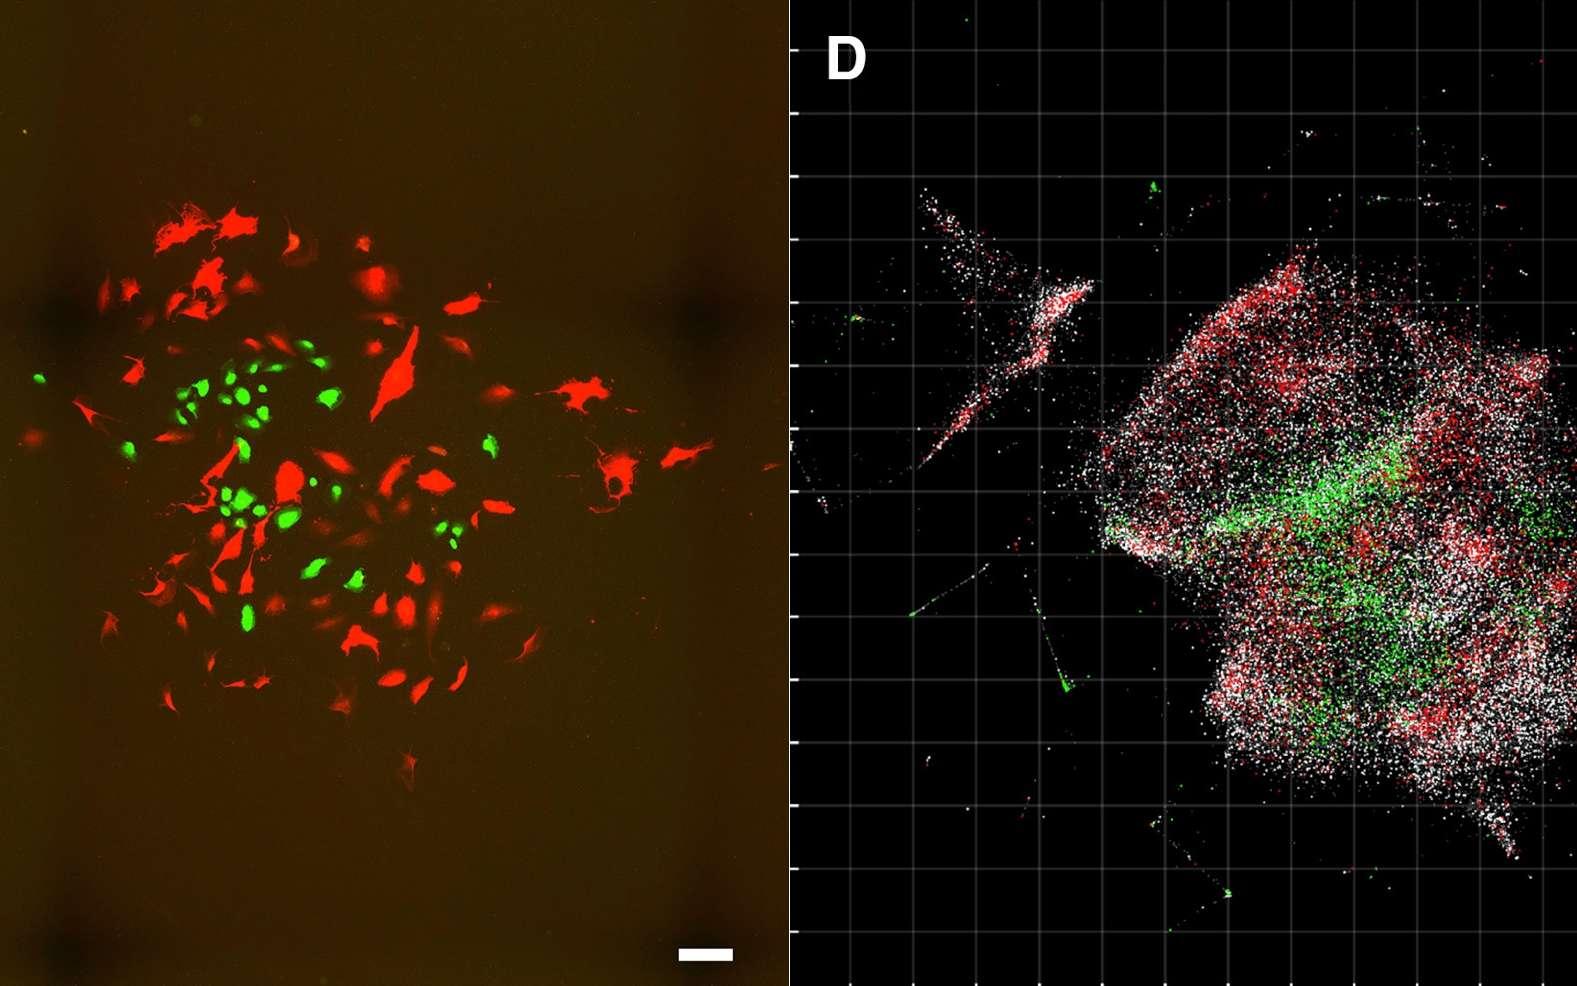 À gauche : un échantillon vu par microscopie optique. À droite, l'échantillon vu par le microscope à ADN. © Joshua Weinstein, Cell, 2019